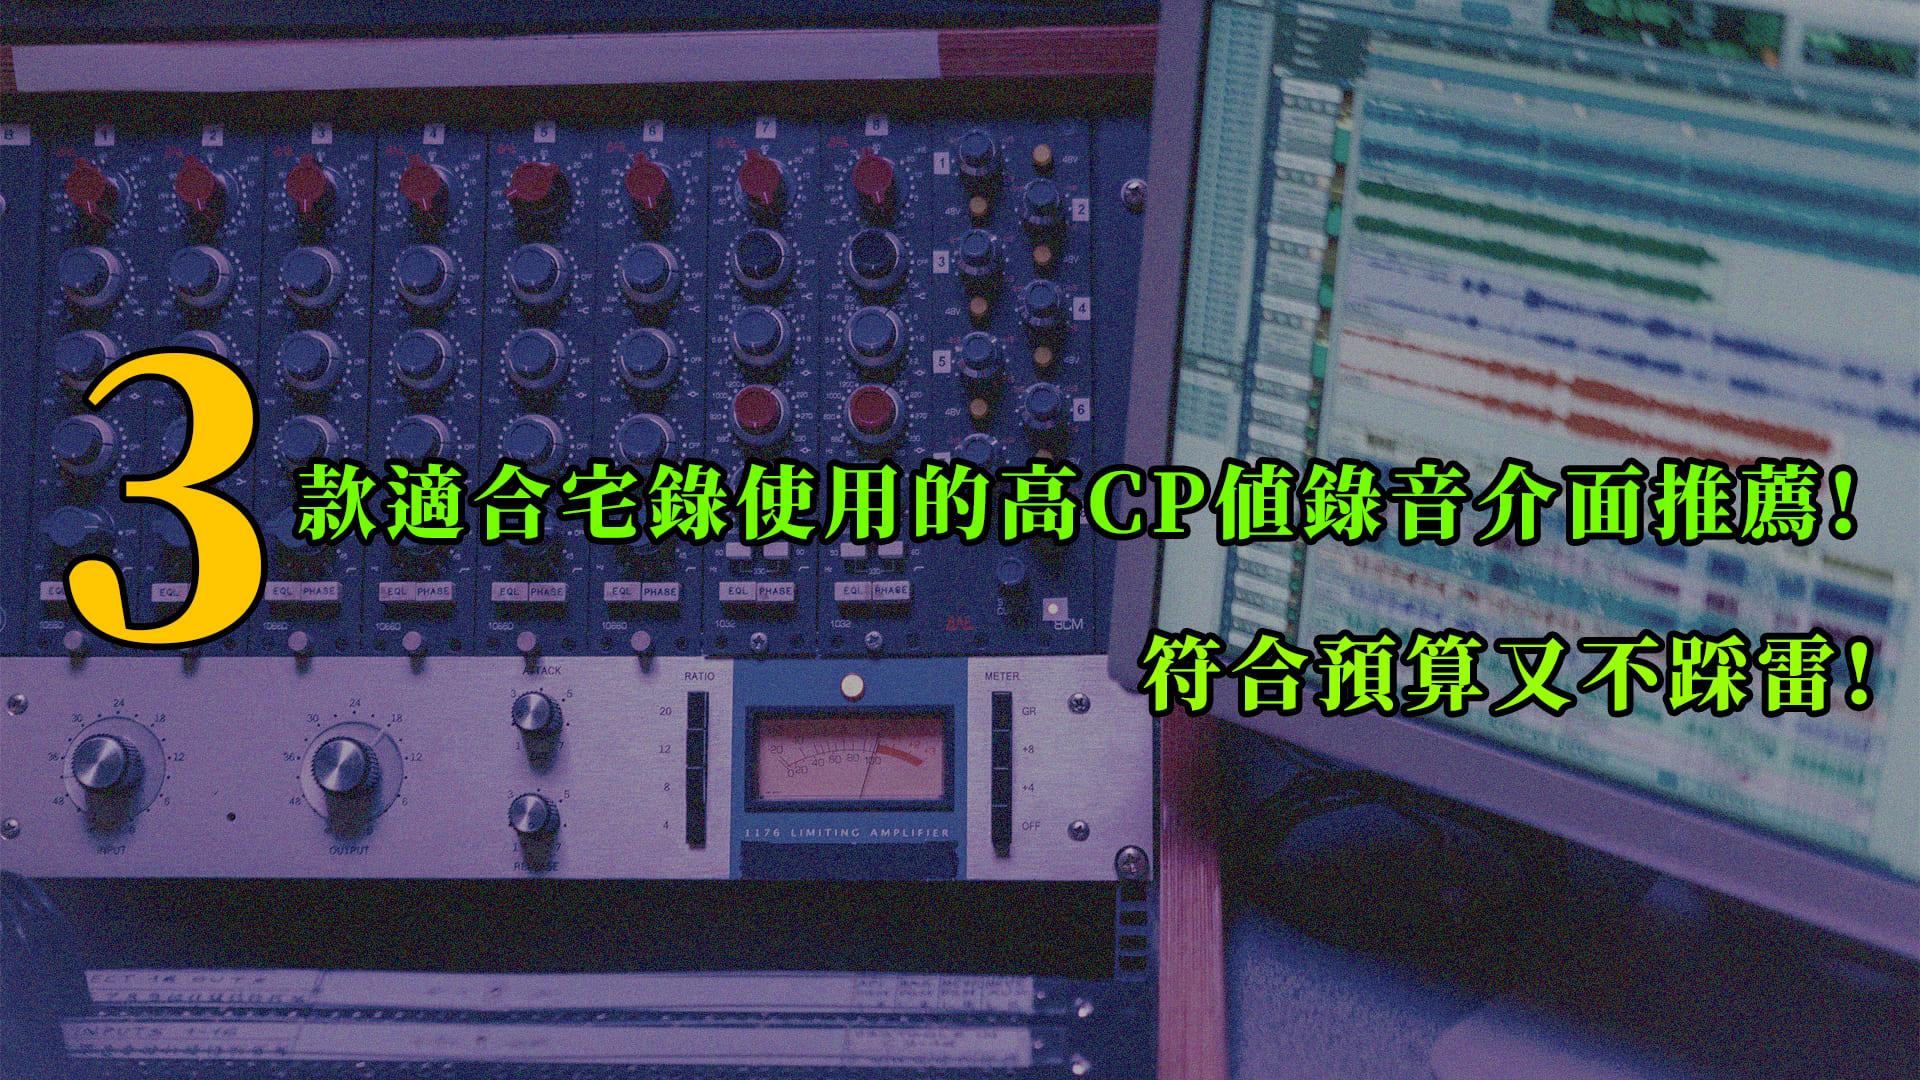 錄音介面推薦